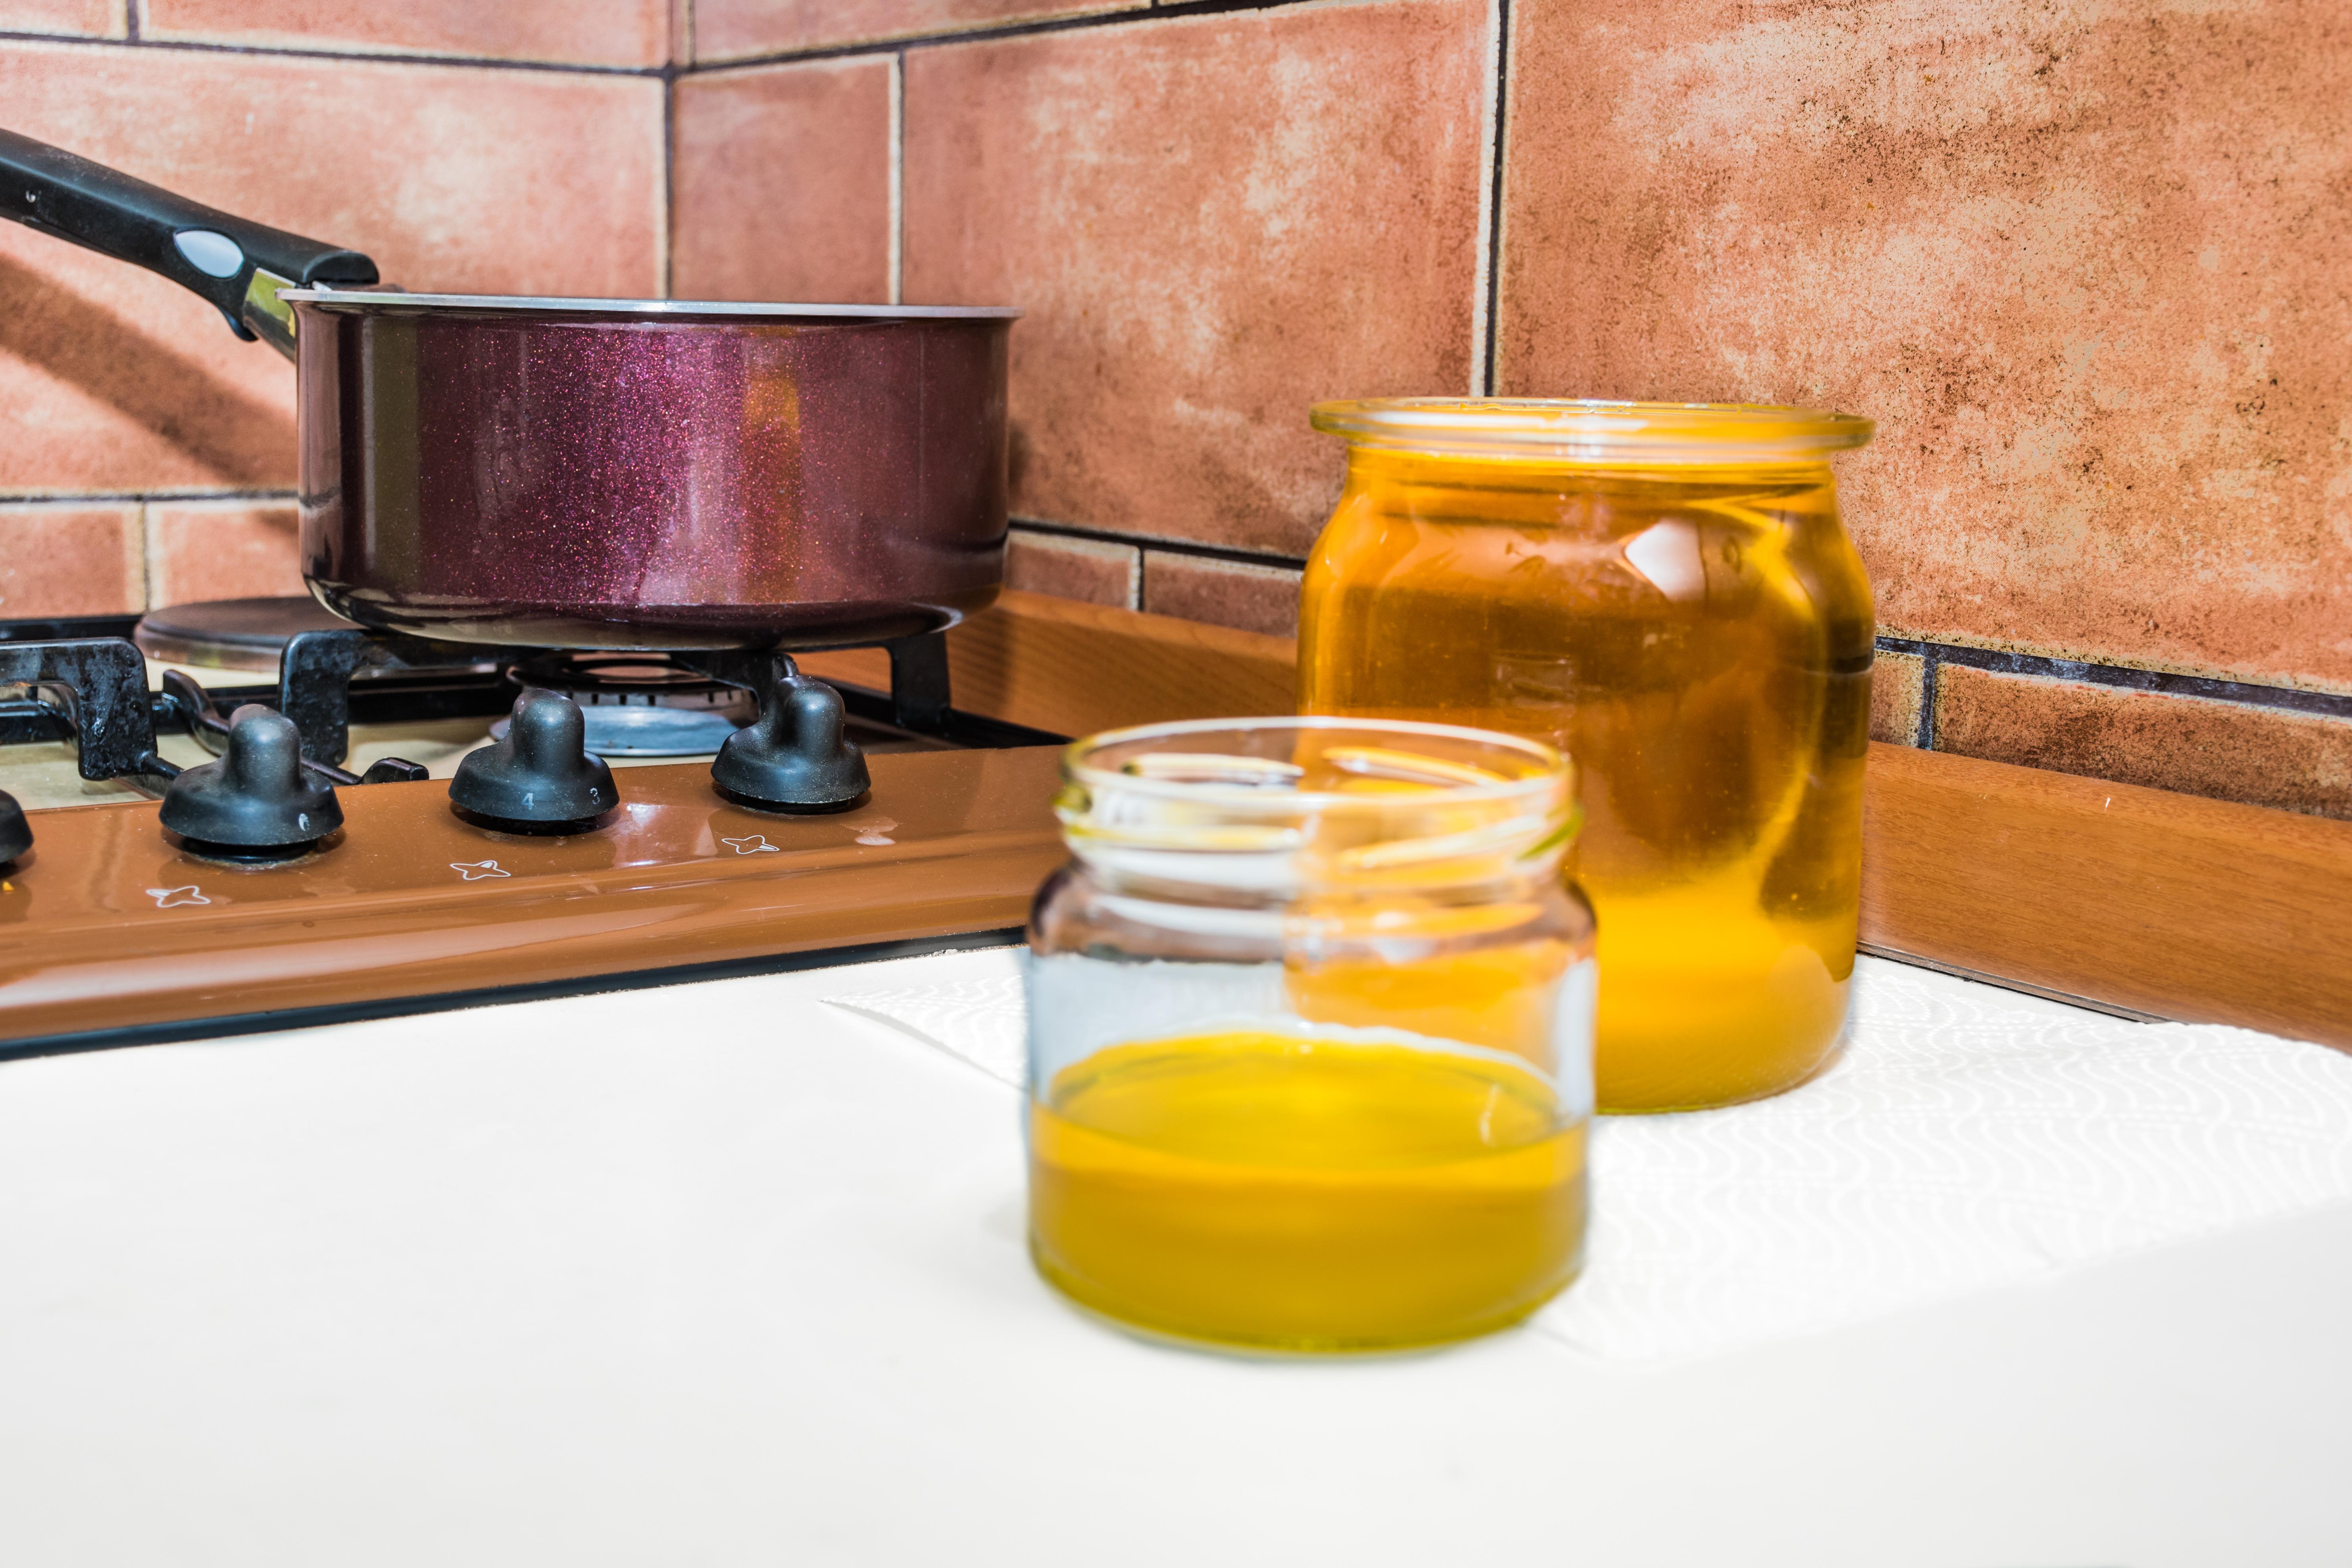 Начин на приготвяне на Гхи:<br /> Използва се качествено несолено масло, най-добре от половин или 1 кг. Като начало се поставя на слаб огън, докато се разтопи.<br /> Можете да му помогнете, като го нарежете на по-малки парчета. Когато вече е течно, топлината може малко да се засили, докато заври леко и забълбука.Маслотовсе още има плътен бял цвят.